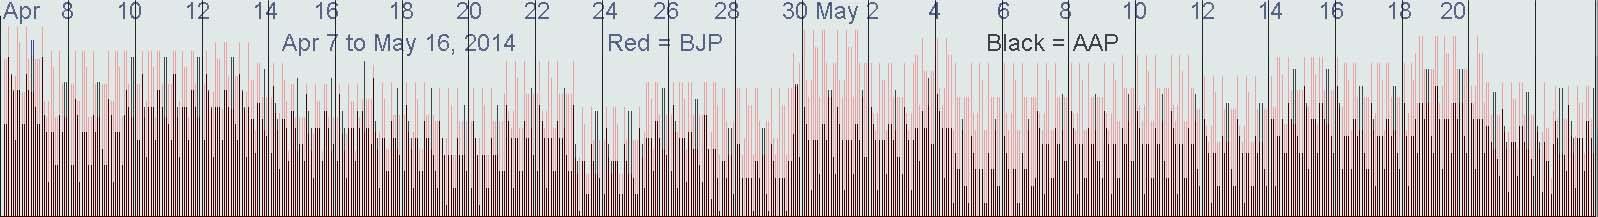 BJP-vs-AAP-2014.jpg